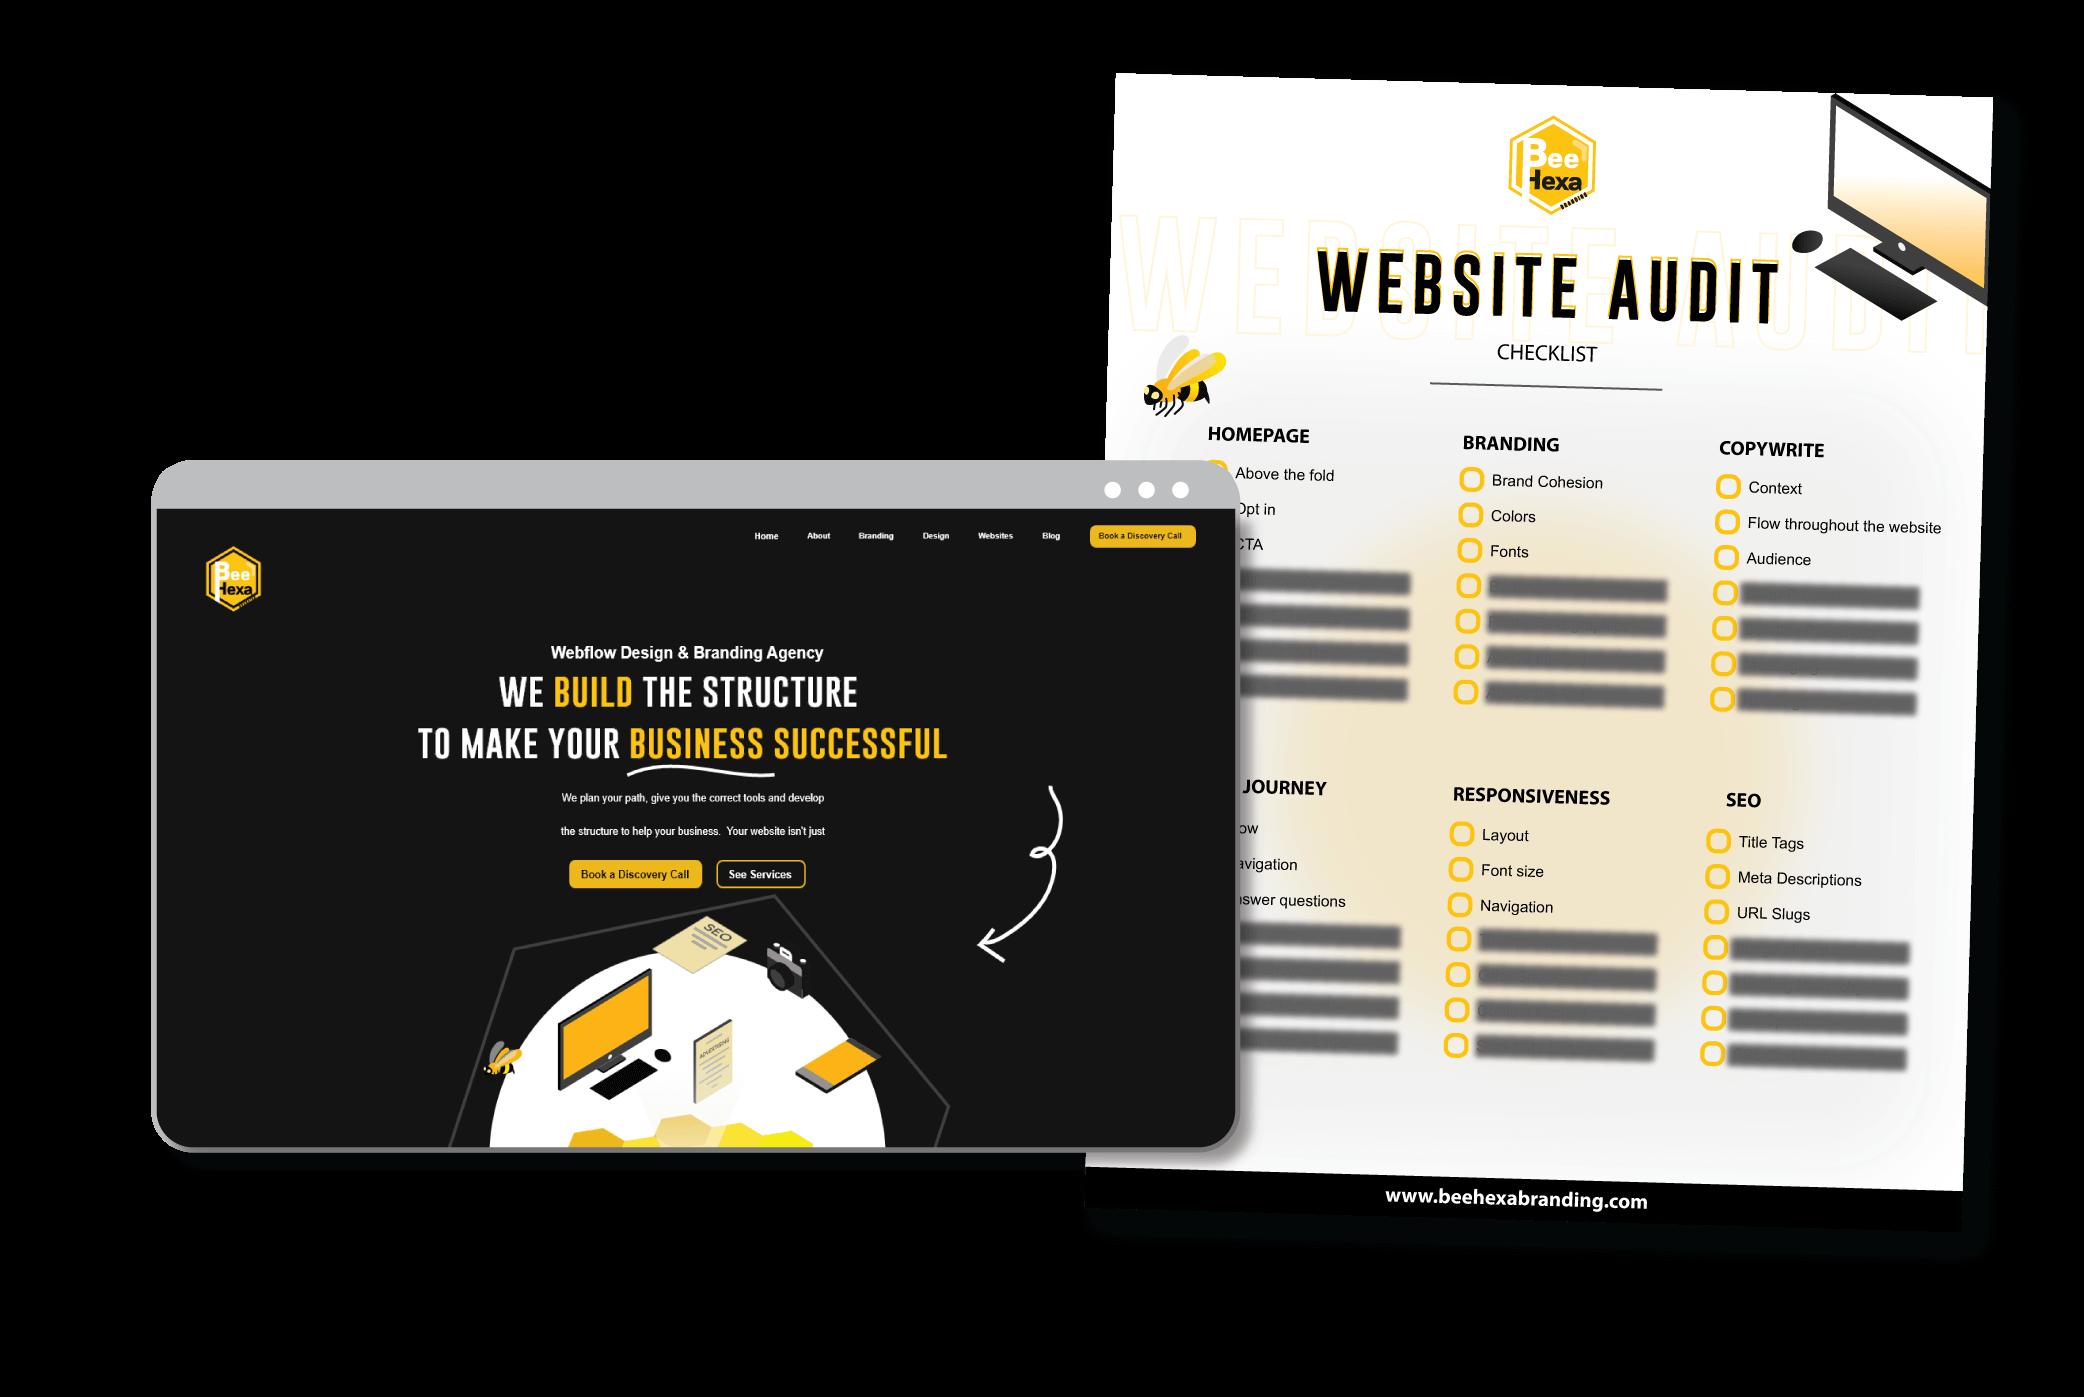 Website Audit Page hero showing Bee Hexa Branding Website and Audit Sheet